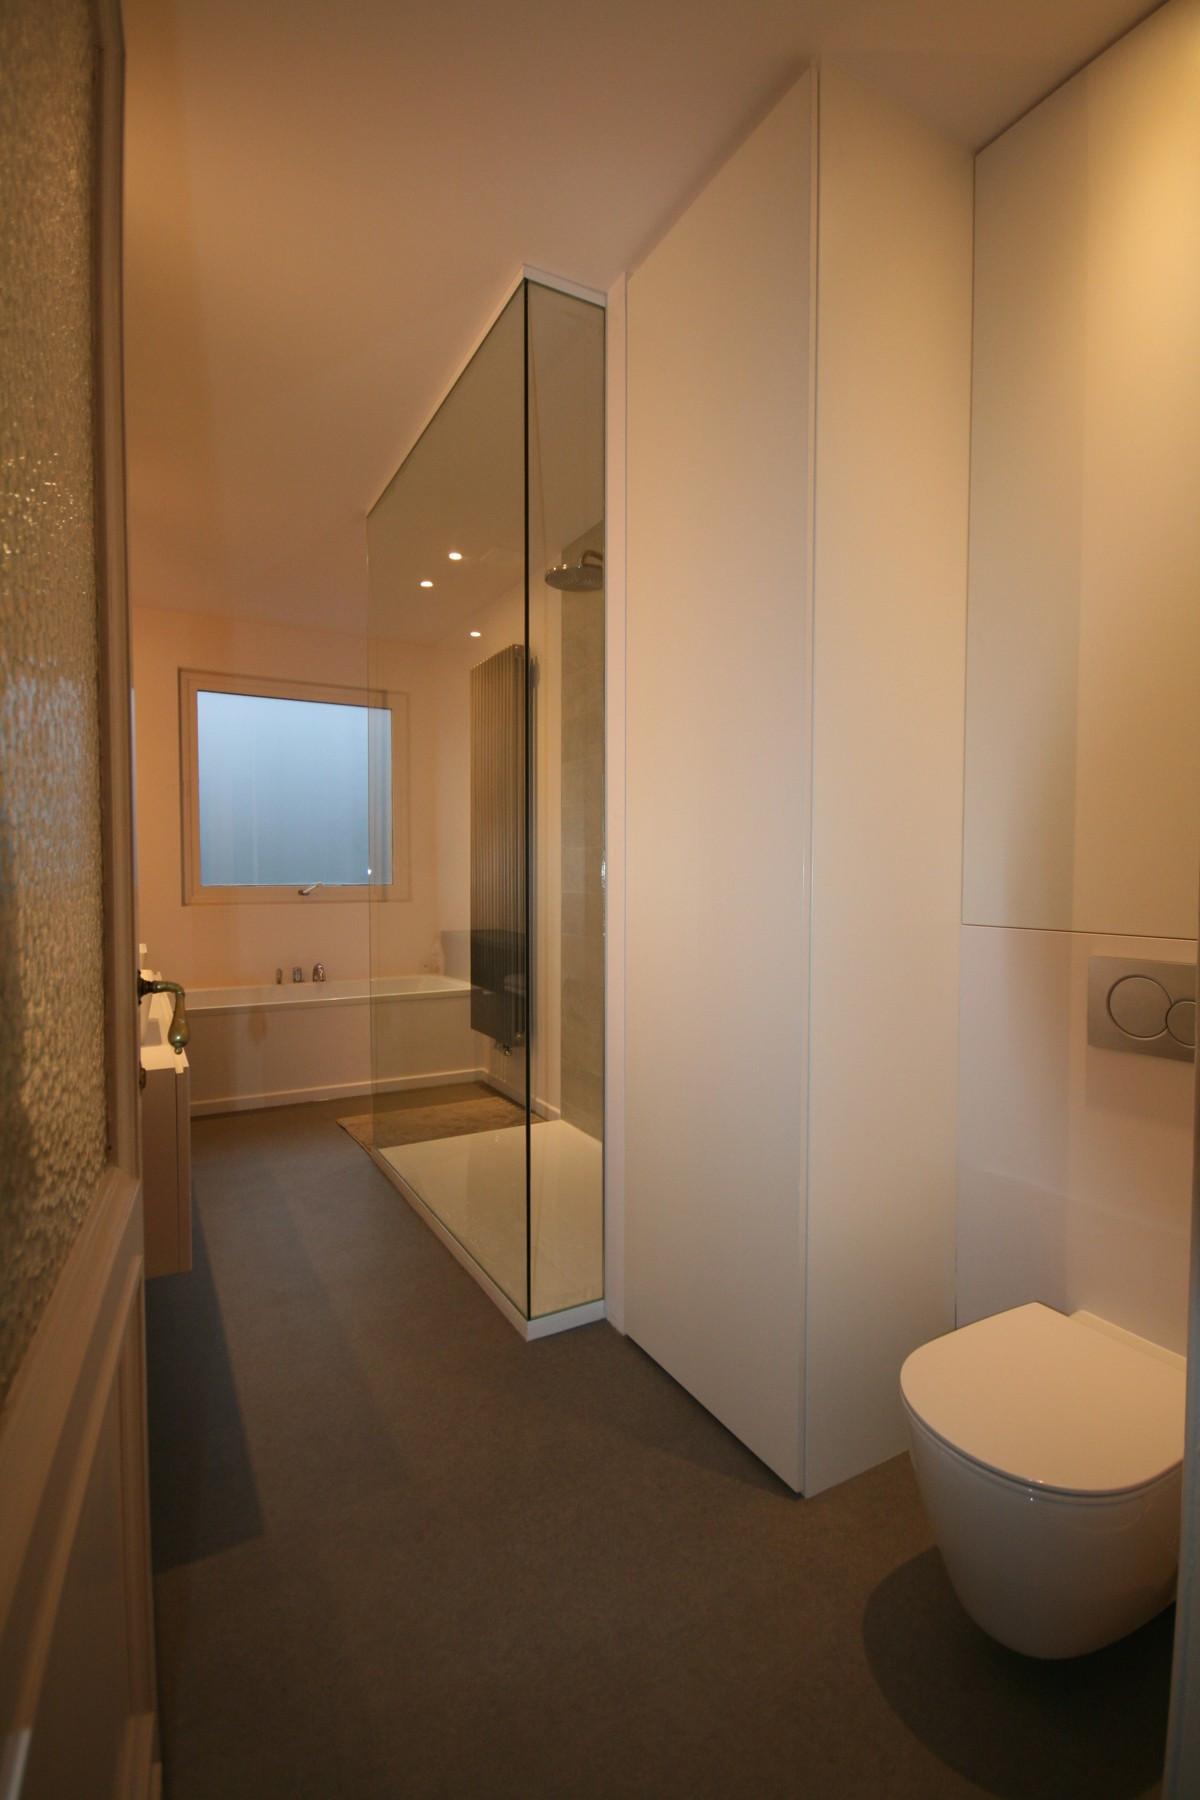 badkamermeubels kast boven toilet kast naast doche met wasmachine smal 2